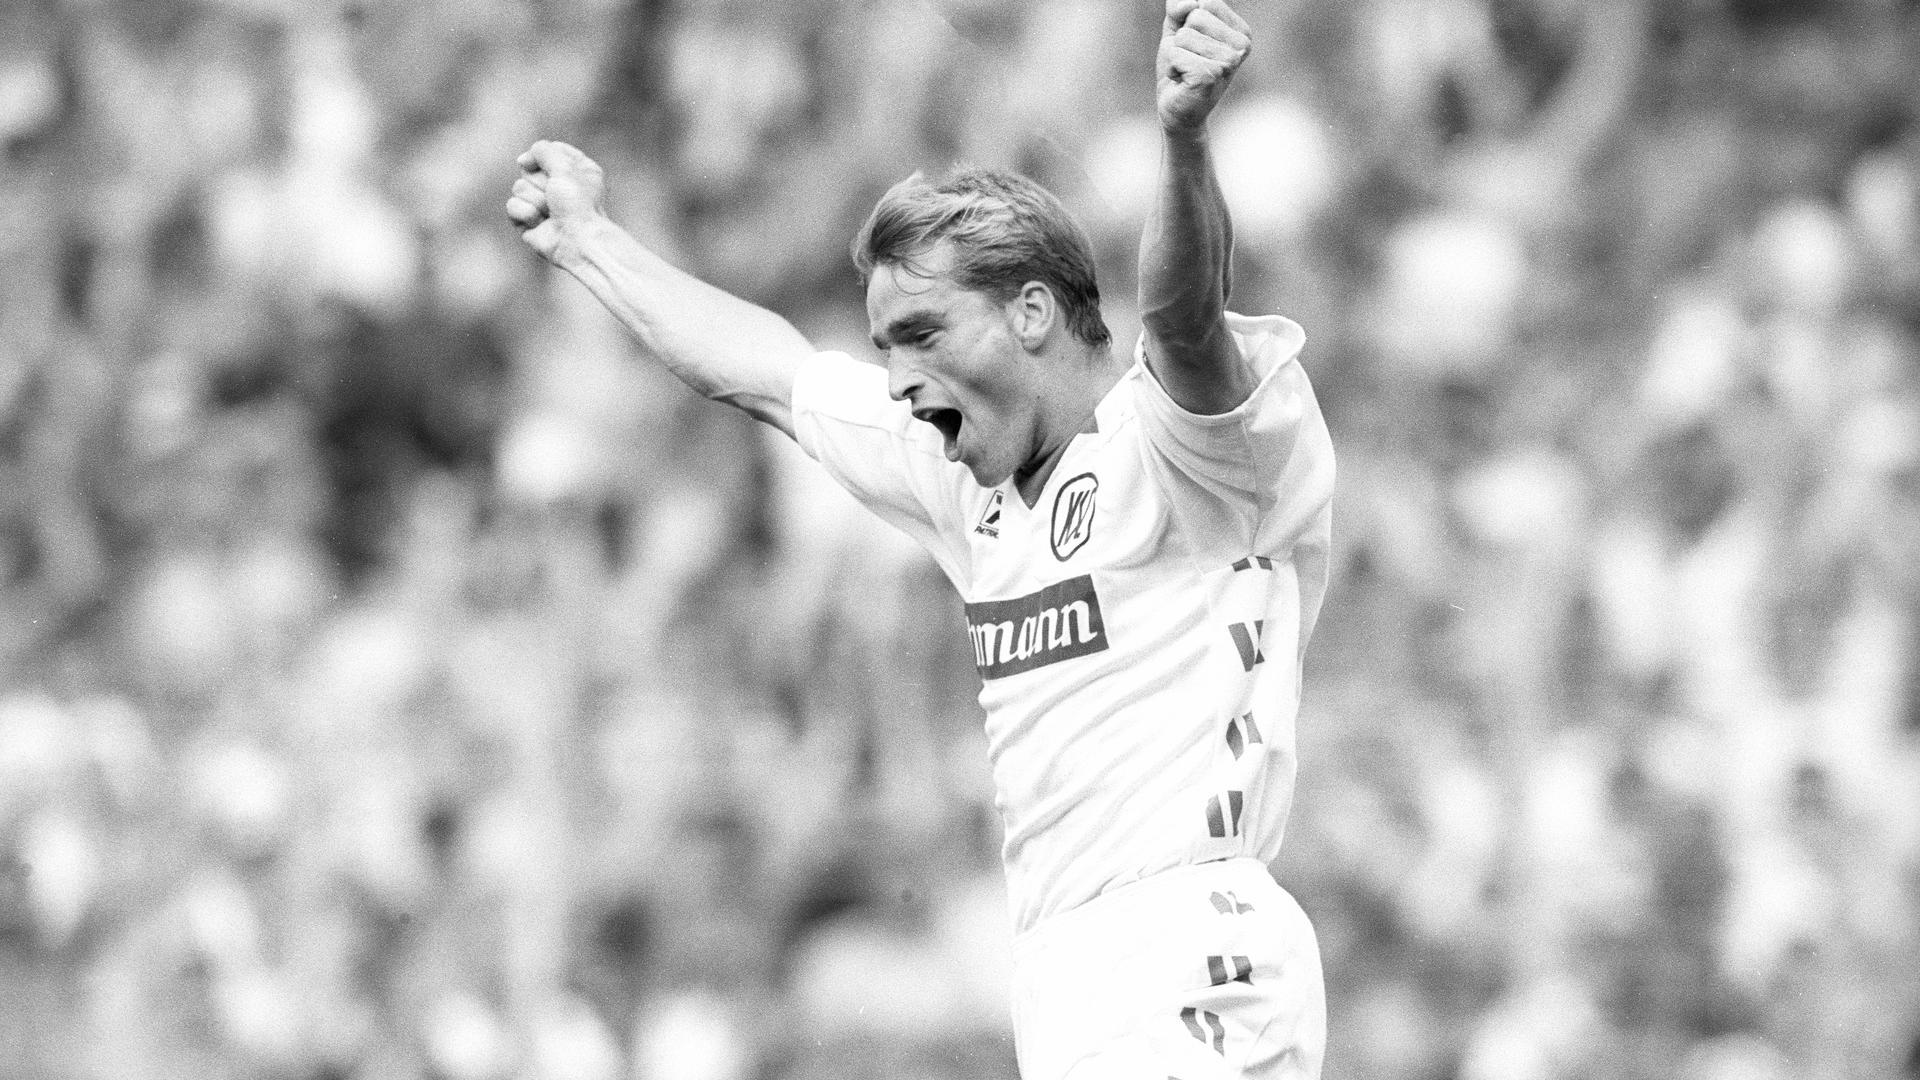 Jubel über den Fallrückzieher: Rainer Krieg freut sich am 15. August 1992 über seinen artistisch erzielten Treffer zur 3:2-Führung gegen Gladbach, dem er danach einen weiteren folgen ließ.